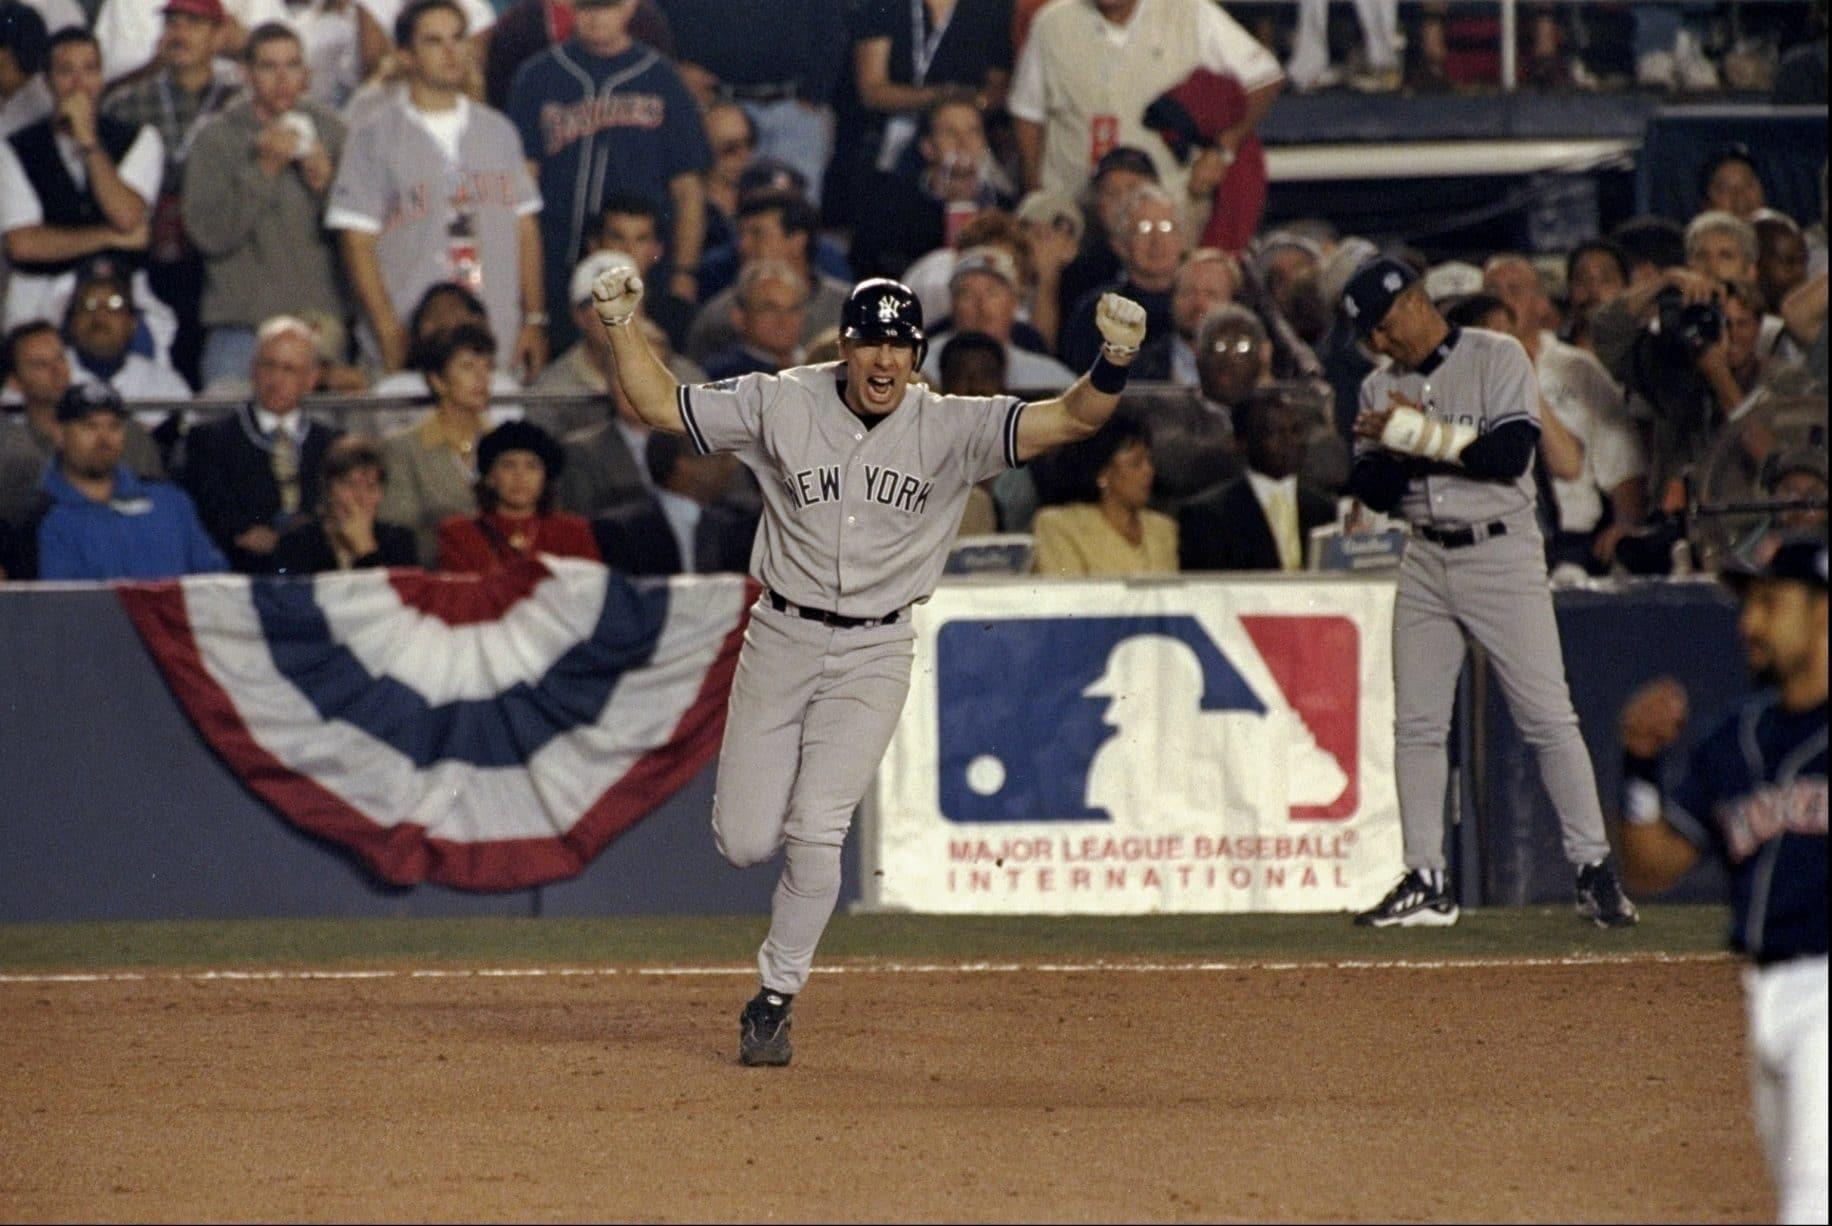 Scott Brosius, New York Yankees 1998 World Series